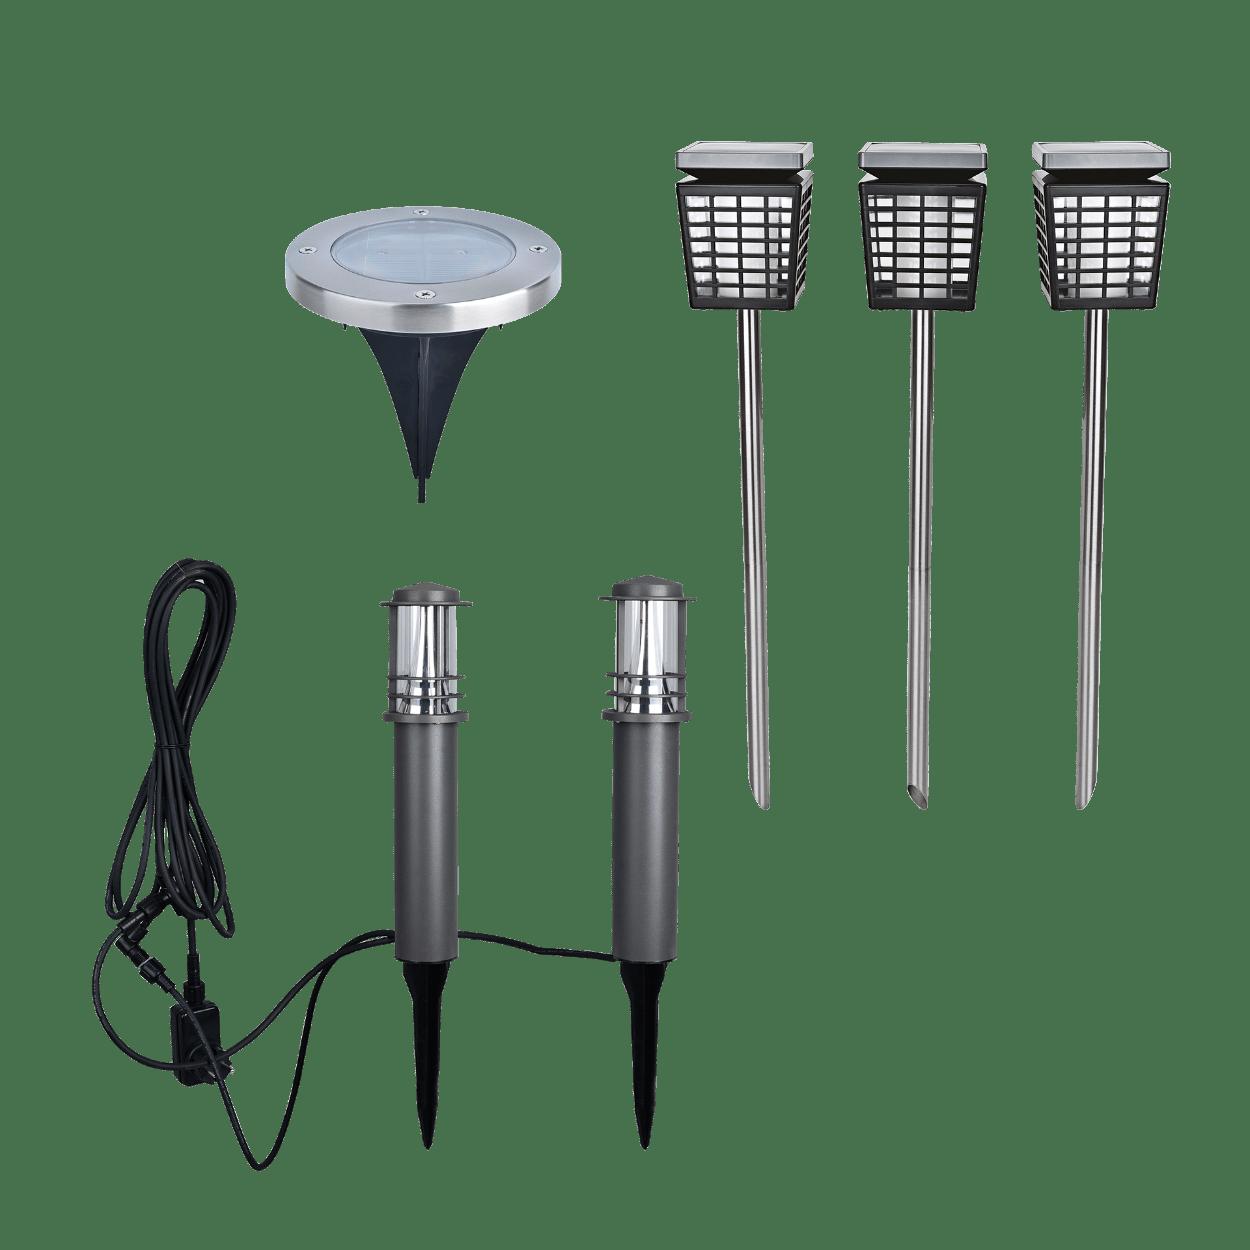 Stehlampe Aussen Aldi